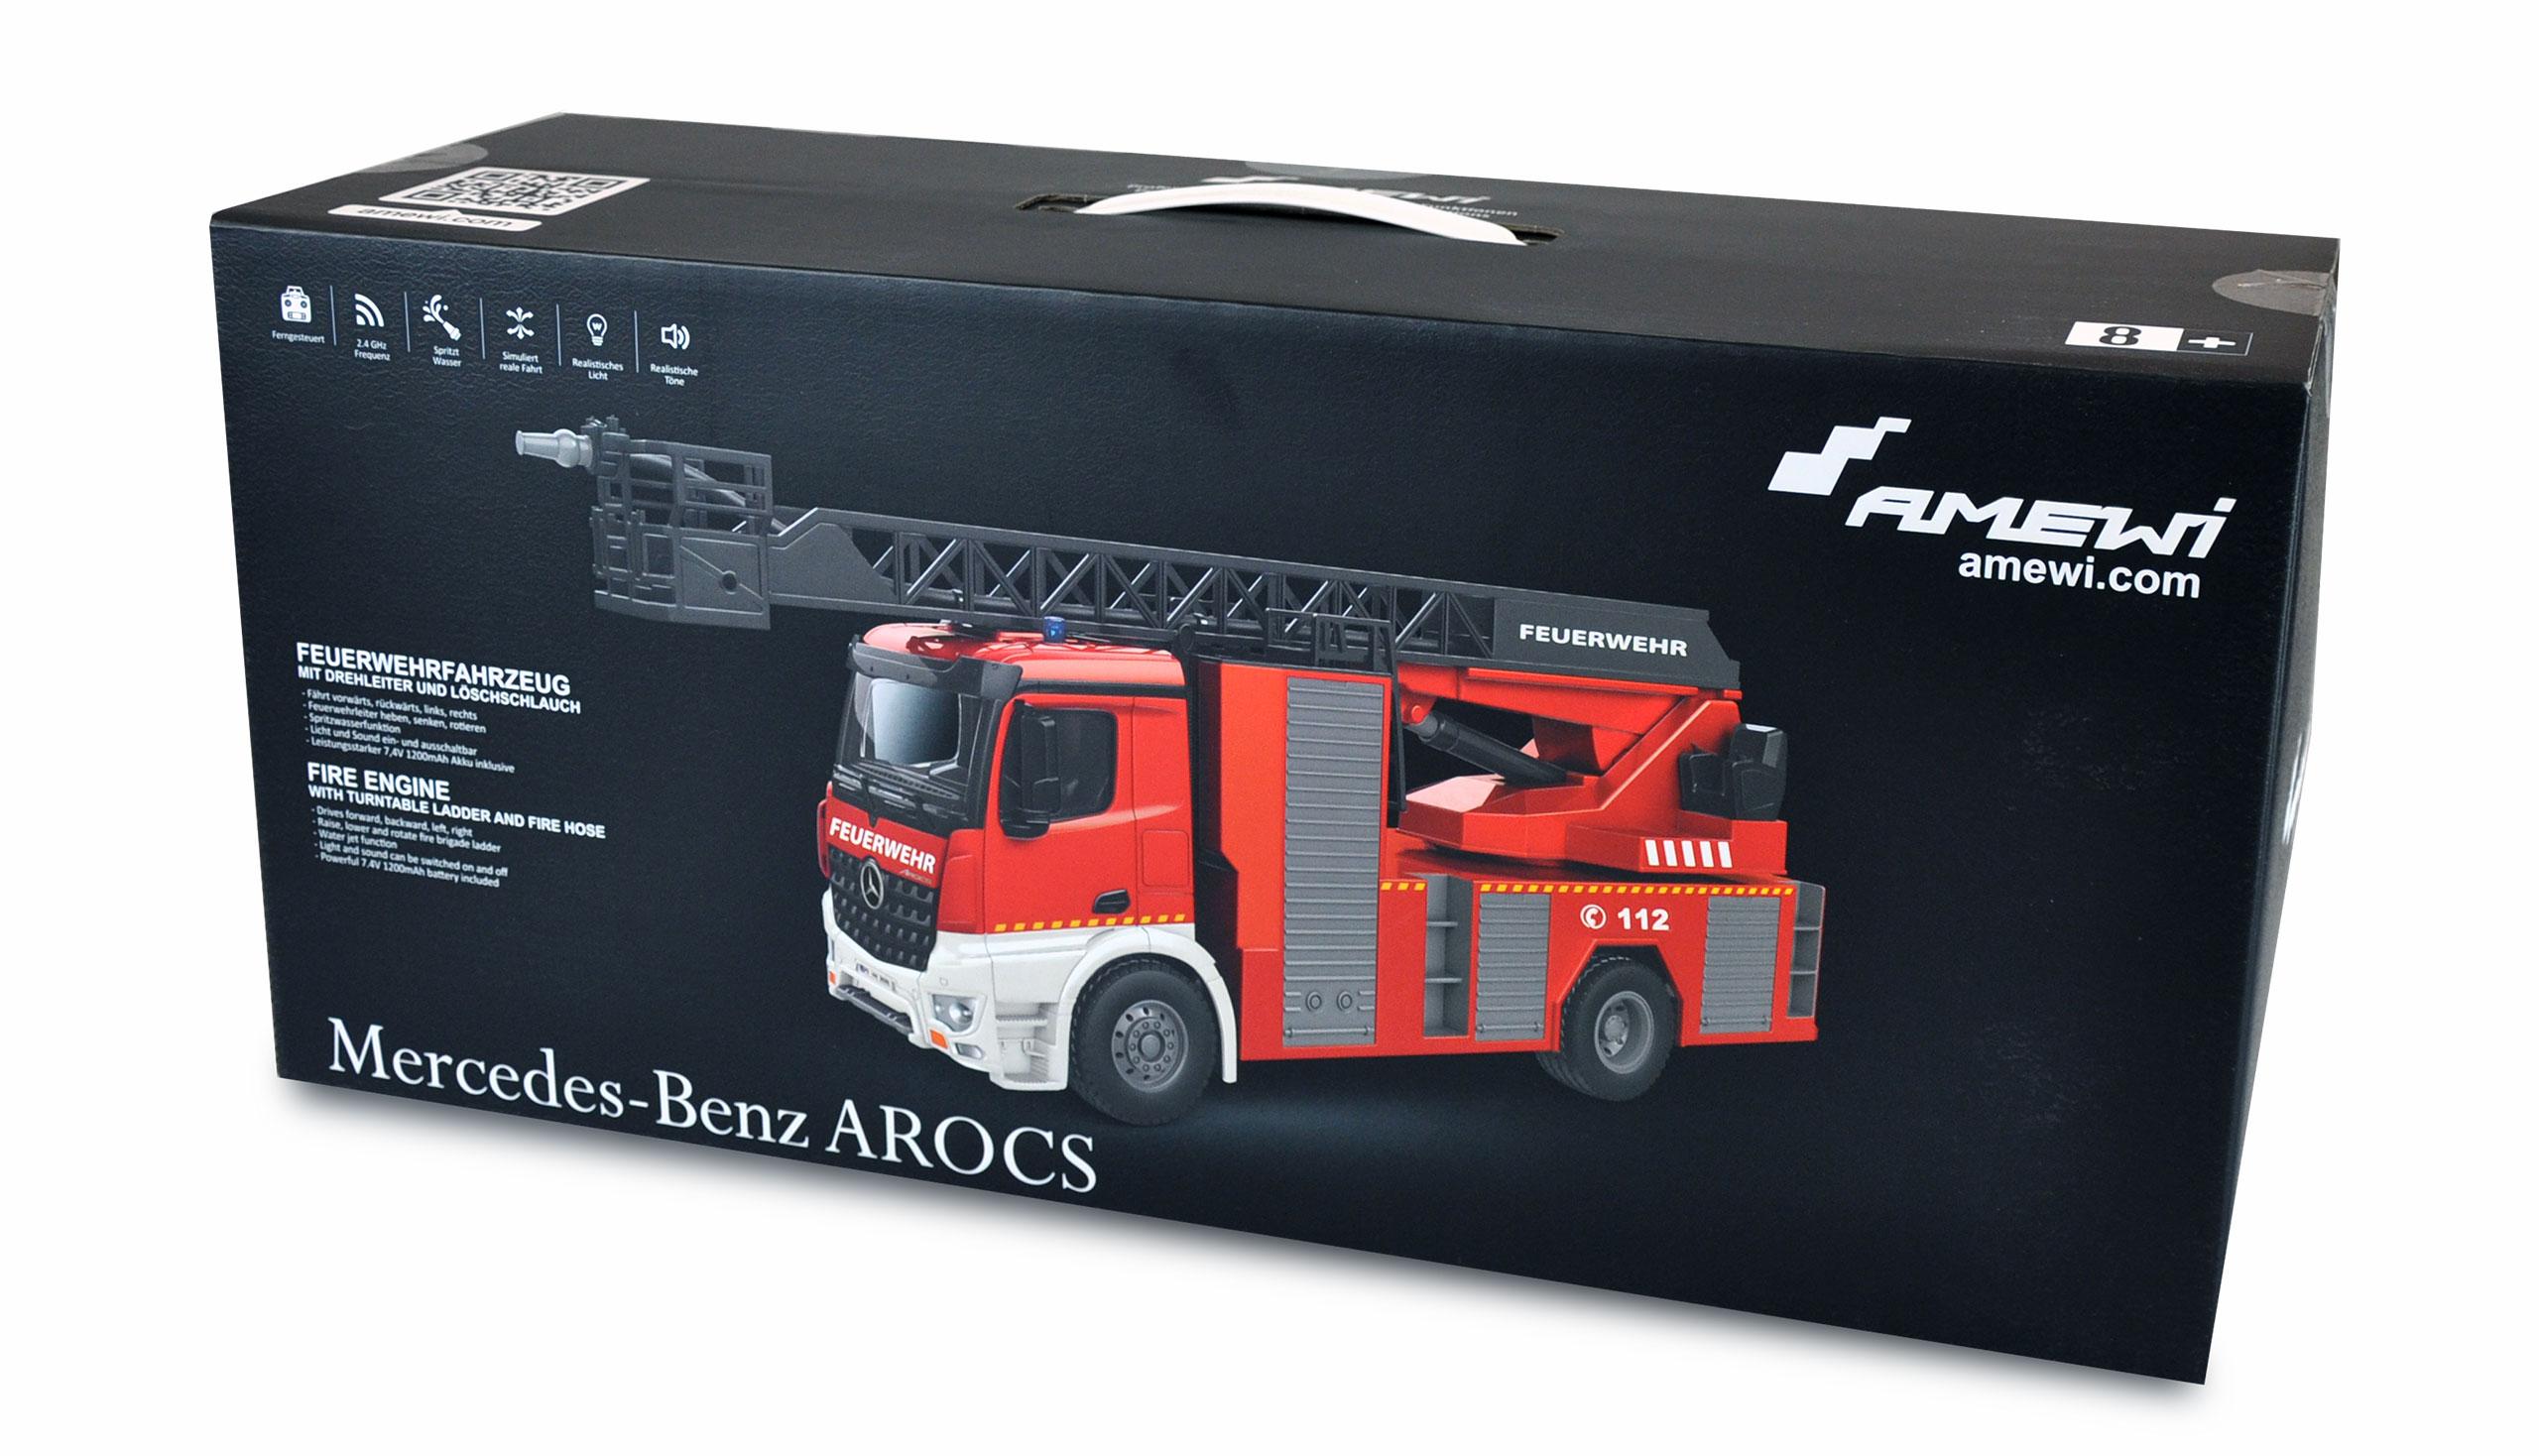 Mercedes-Benz Arocs licencovaný, 1:14, s žebříkem a stříkačkou, proporcionální, LED, zvuky